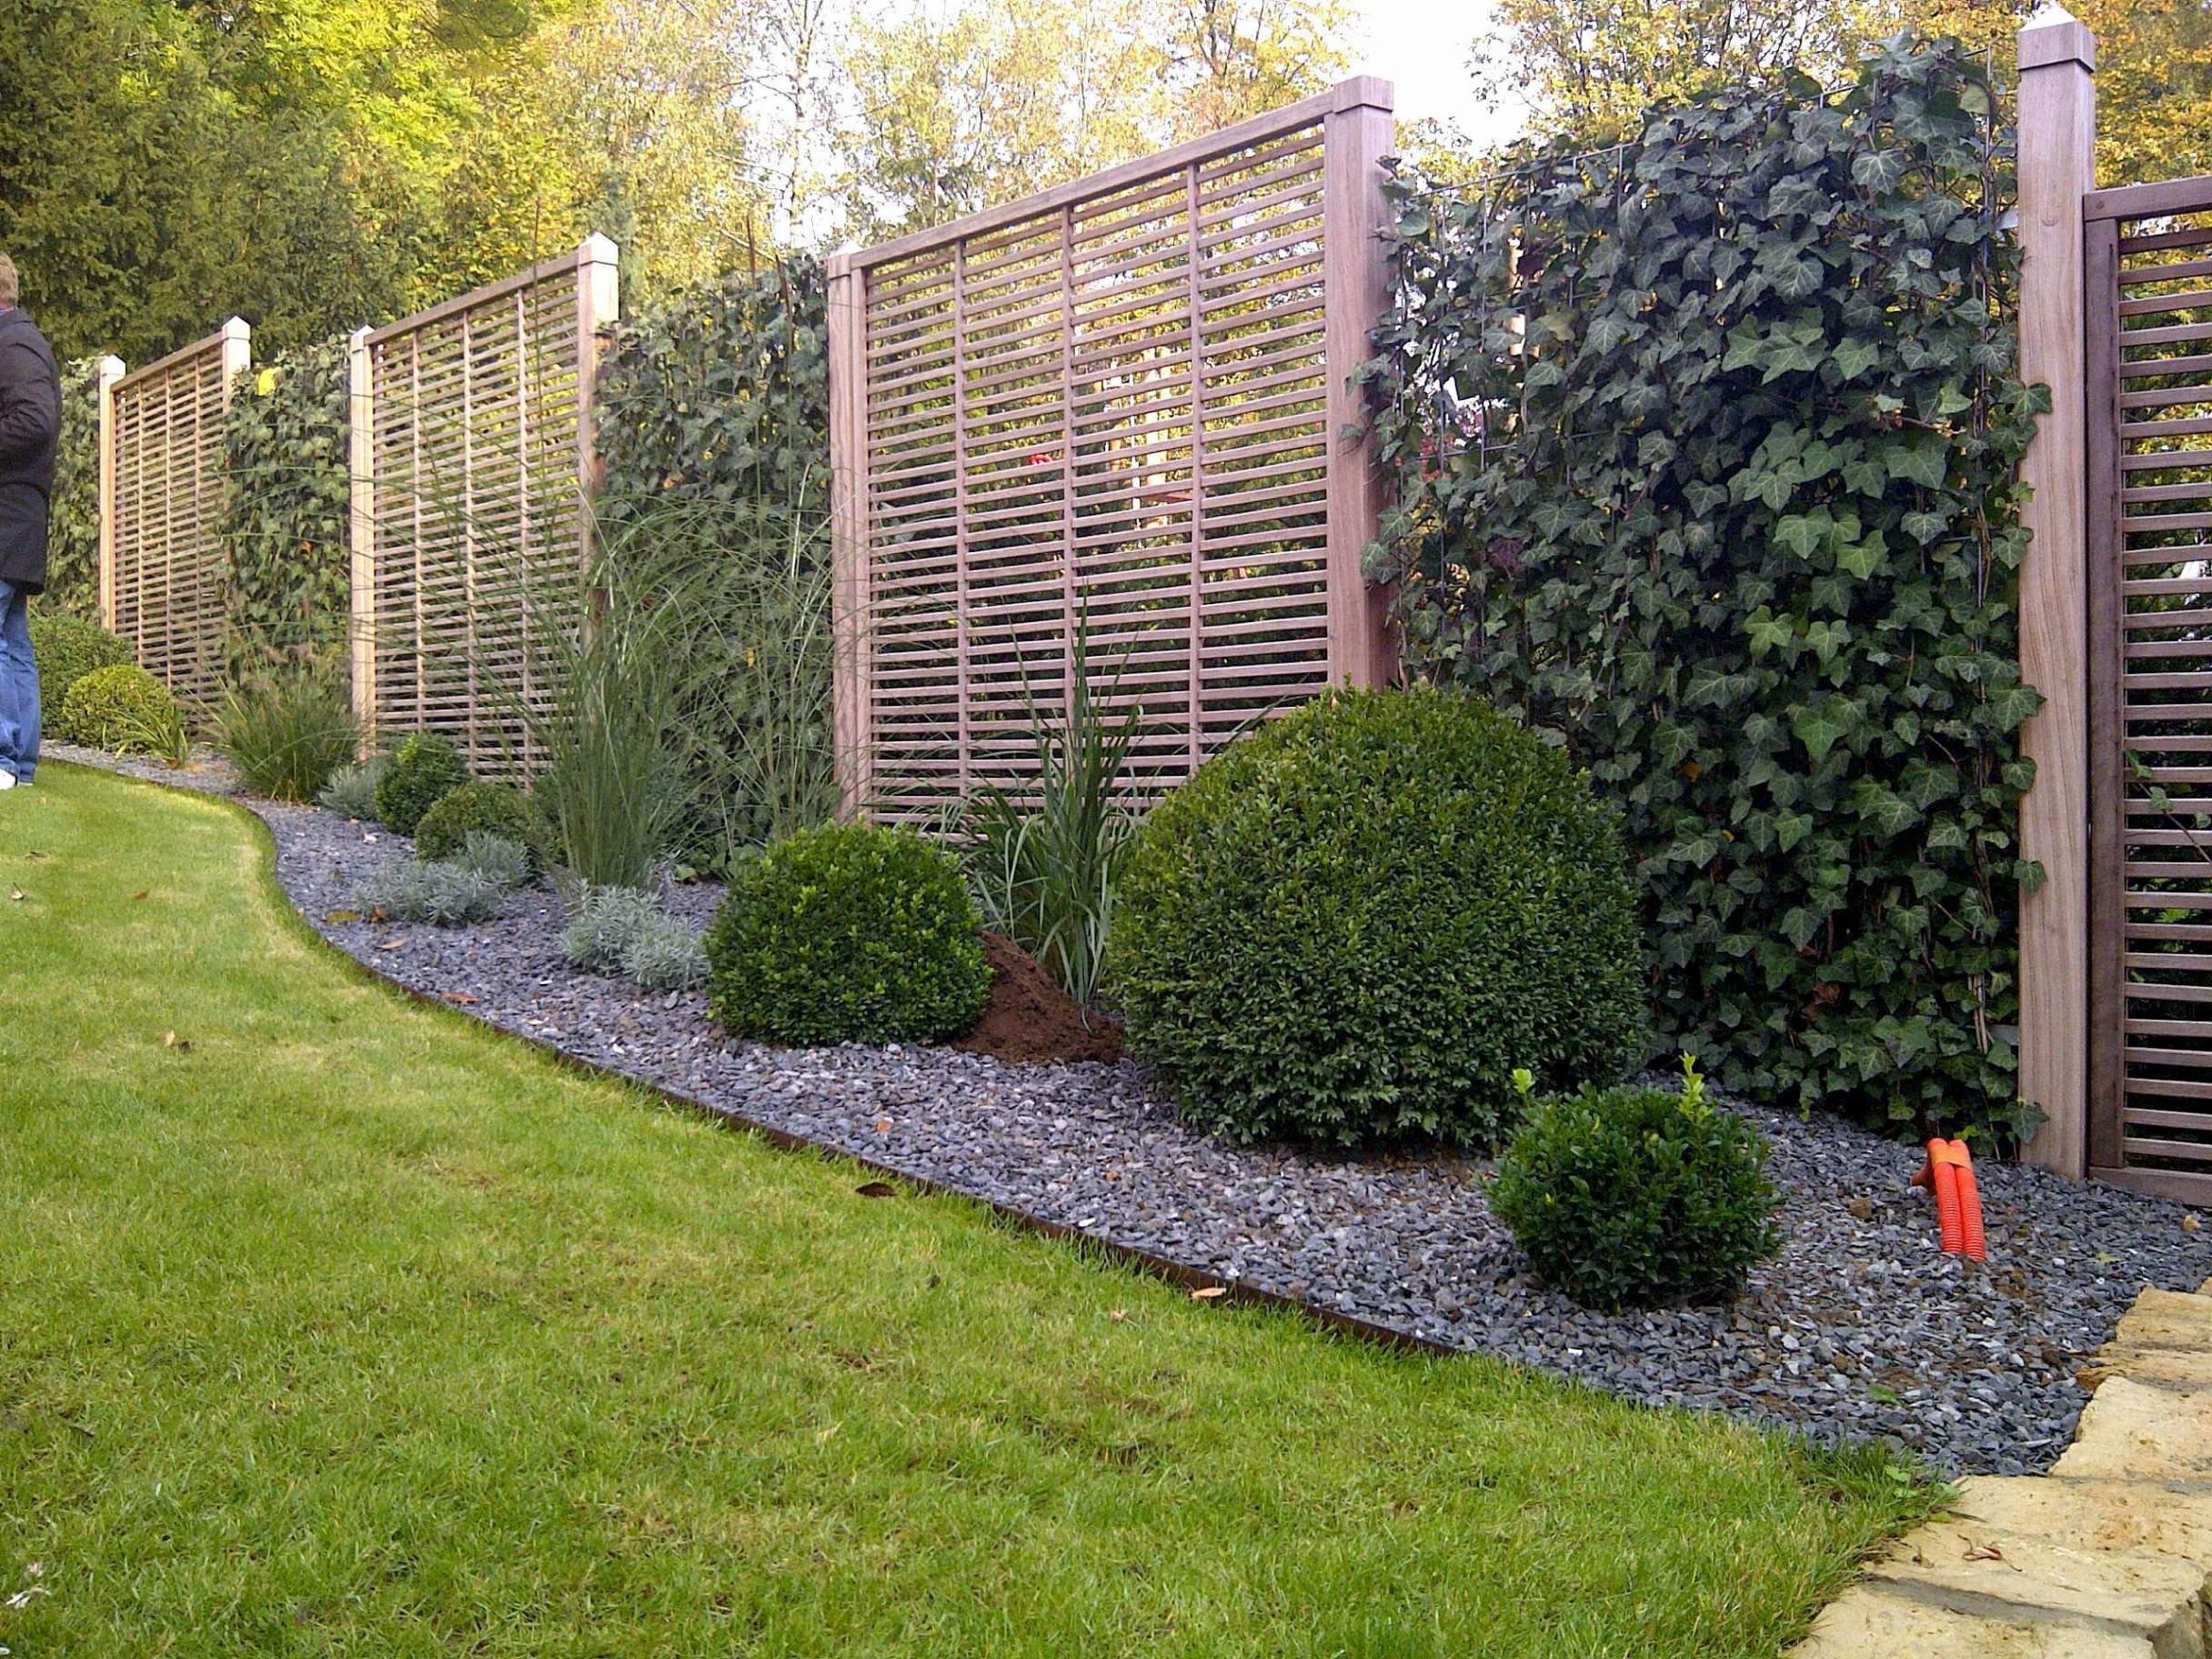 garten sichtschutz elegant pflanzen garten sichtschutz temobardz home blog of garten sichtschutz